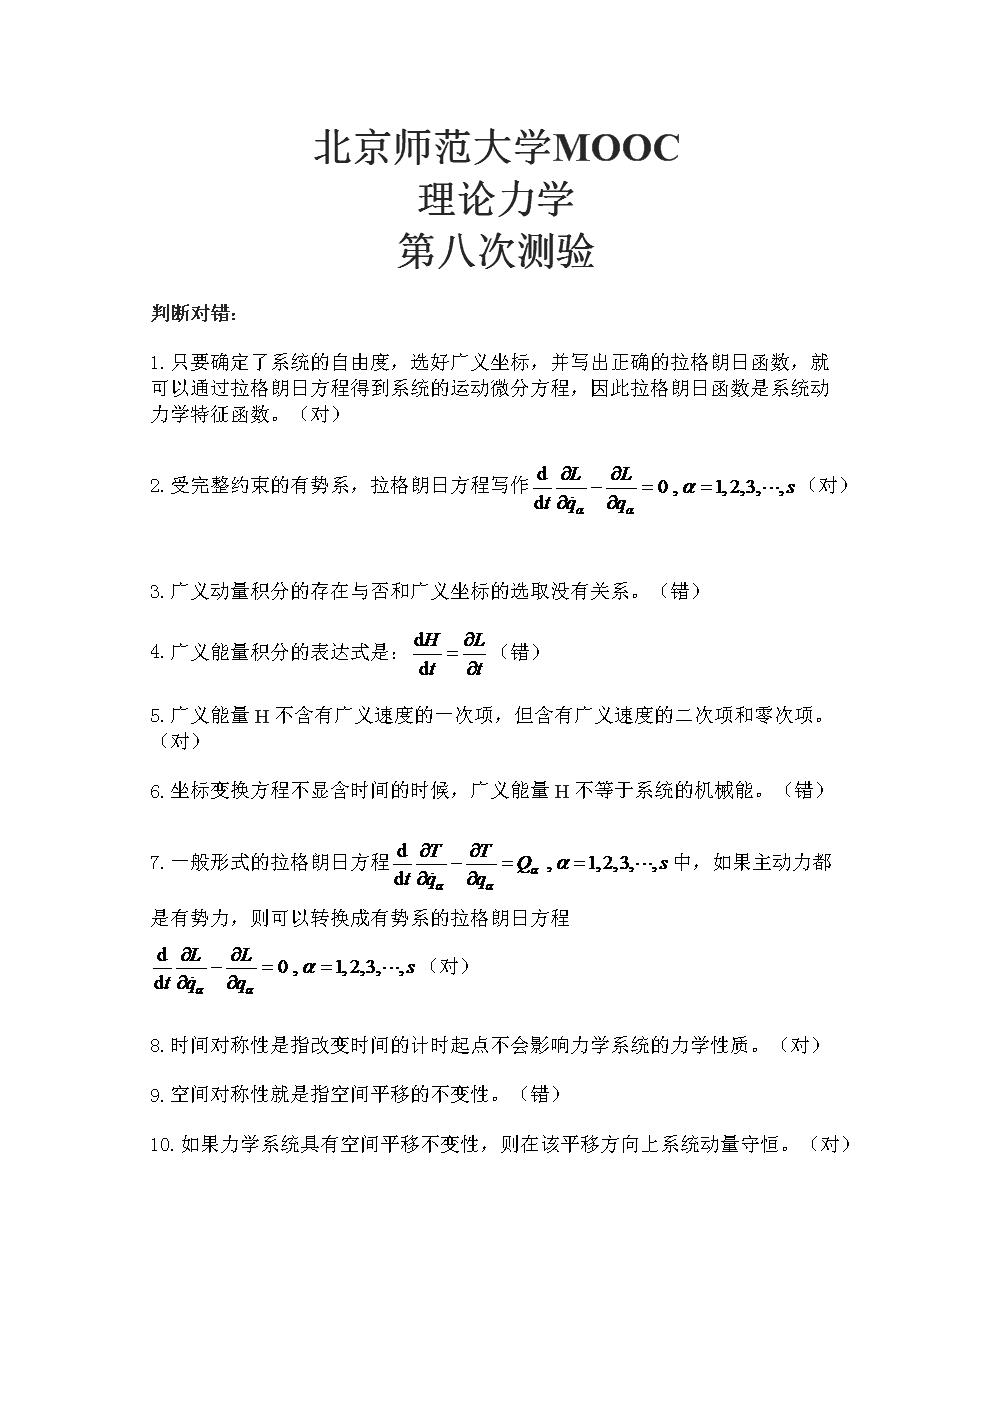 【北師大MOOC】(含答案)第八次測驗.docx